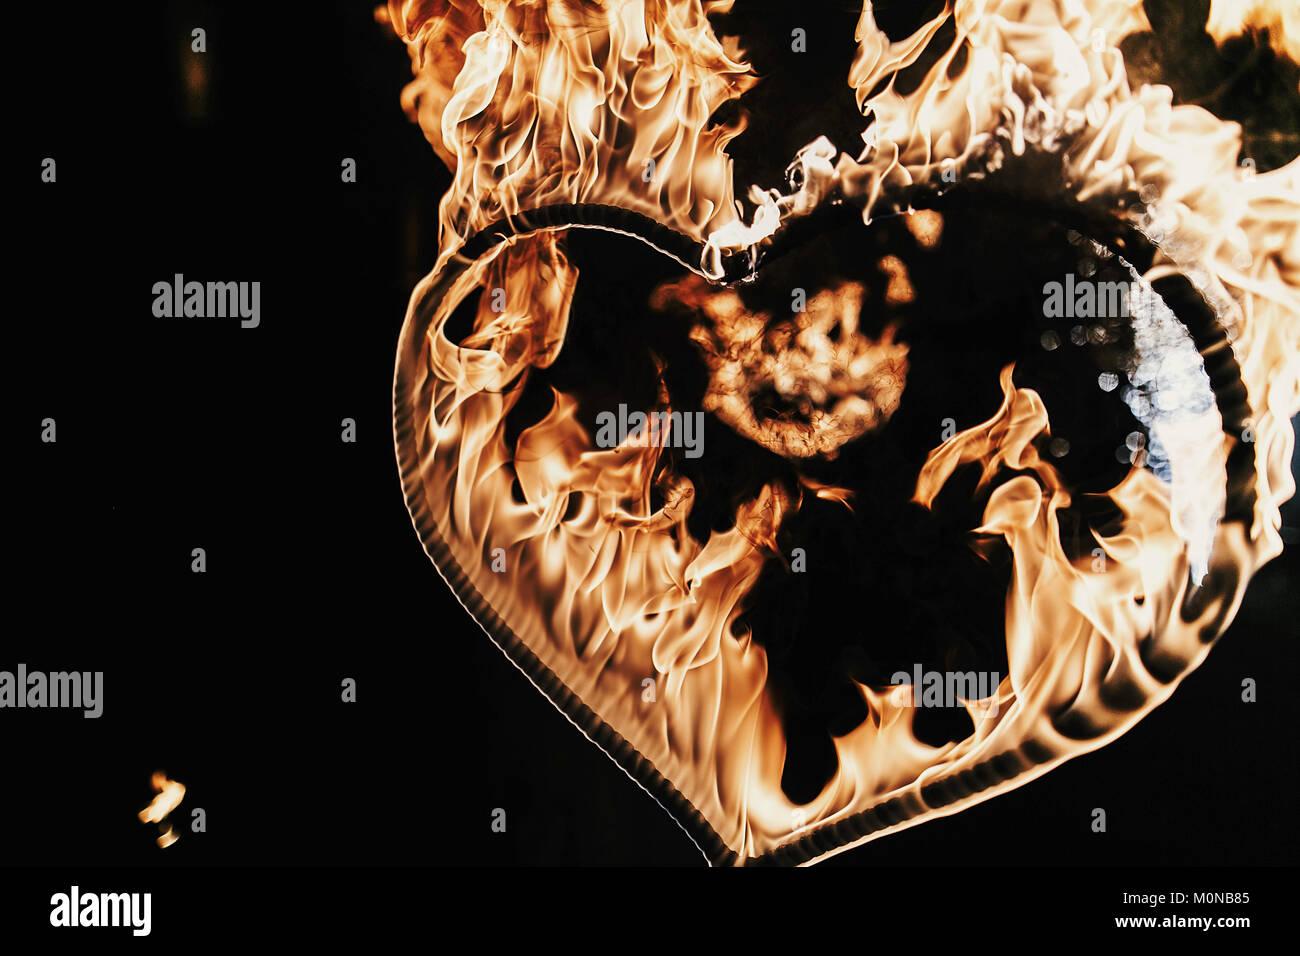 Happy Valentine's day card.d'artifice en forme de coeur sur fond noir, spectacle de feu dans la nuit. bengal fire burning heart. espace pour texte. mariage ou valen Banque D'Images